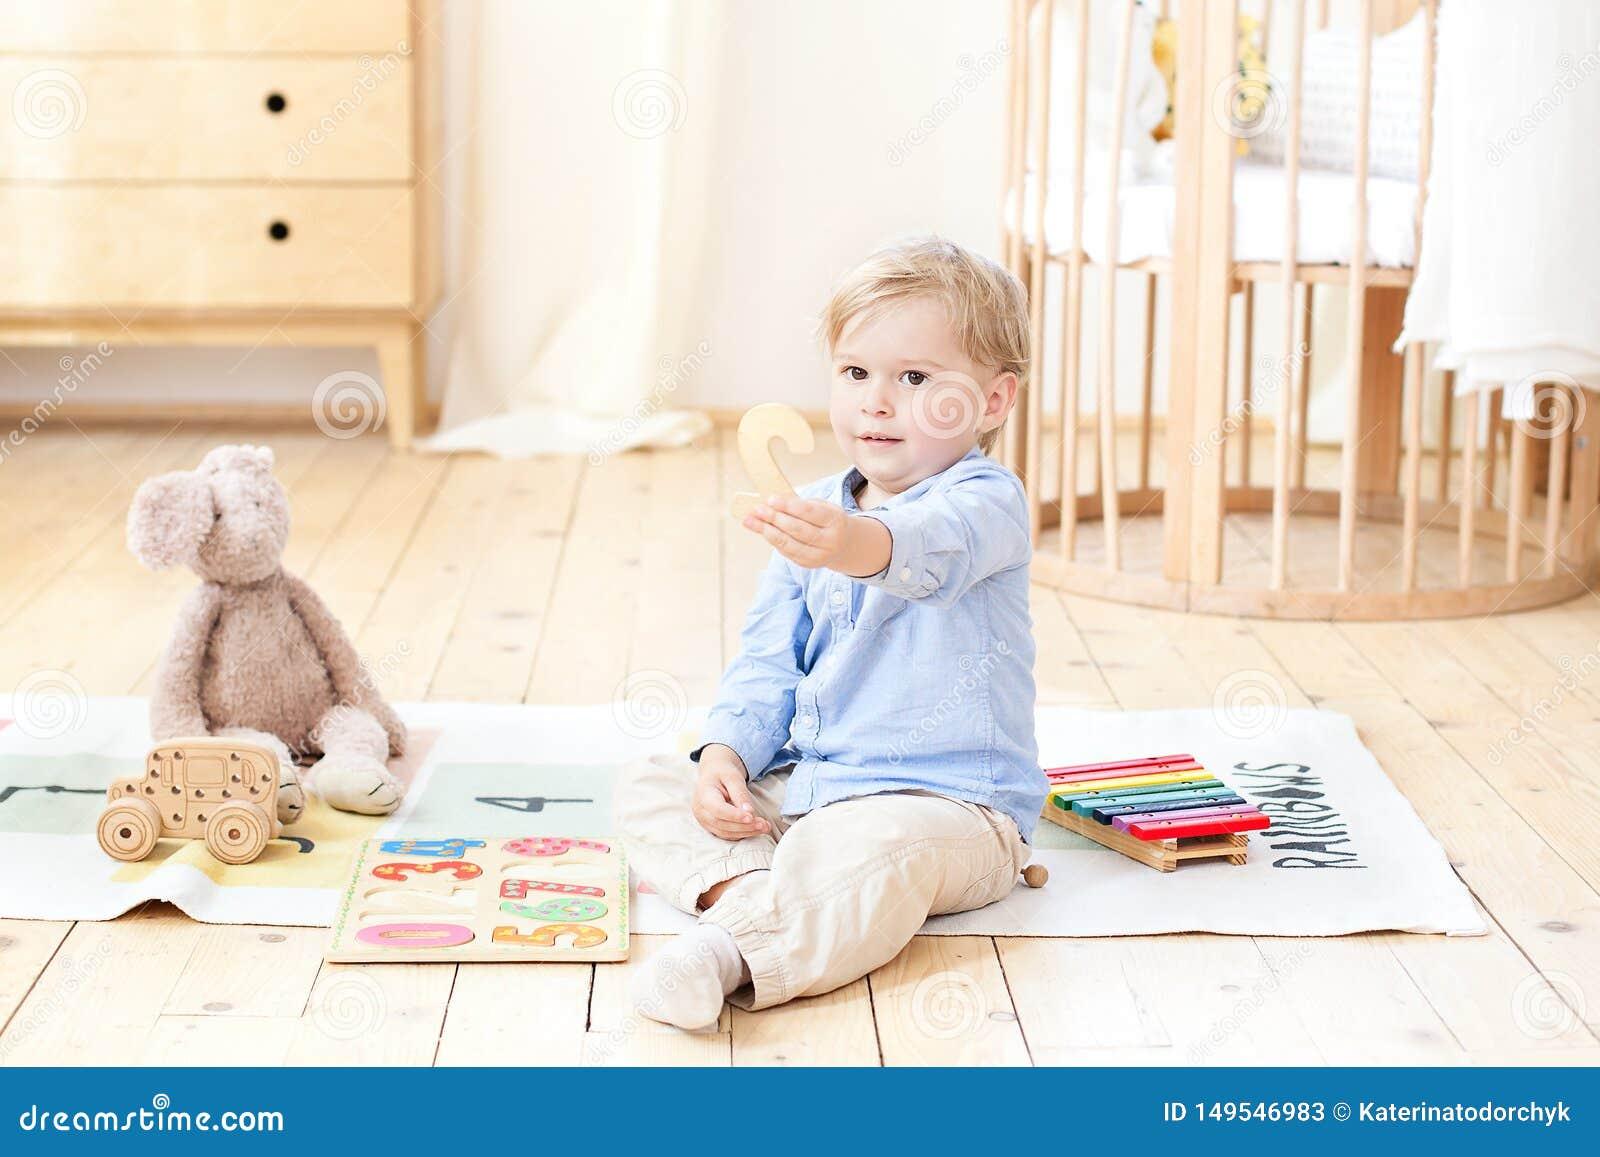 Un muchacho juega con los juguetes de madera y muestra el n?mero 2 Juguetes de madera educativos para un ni?o Retrato de un mucha